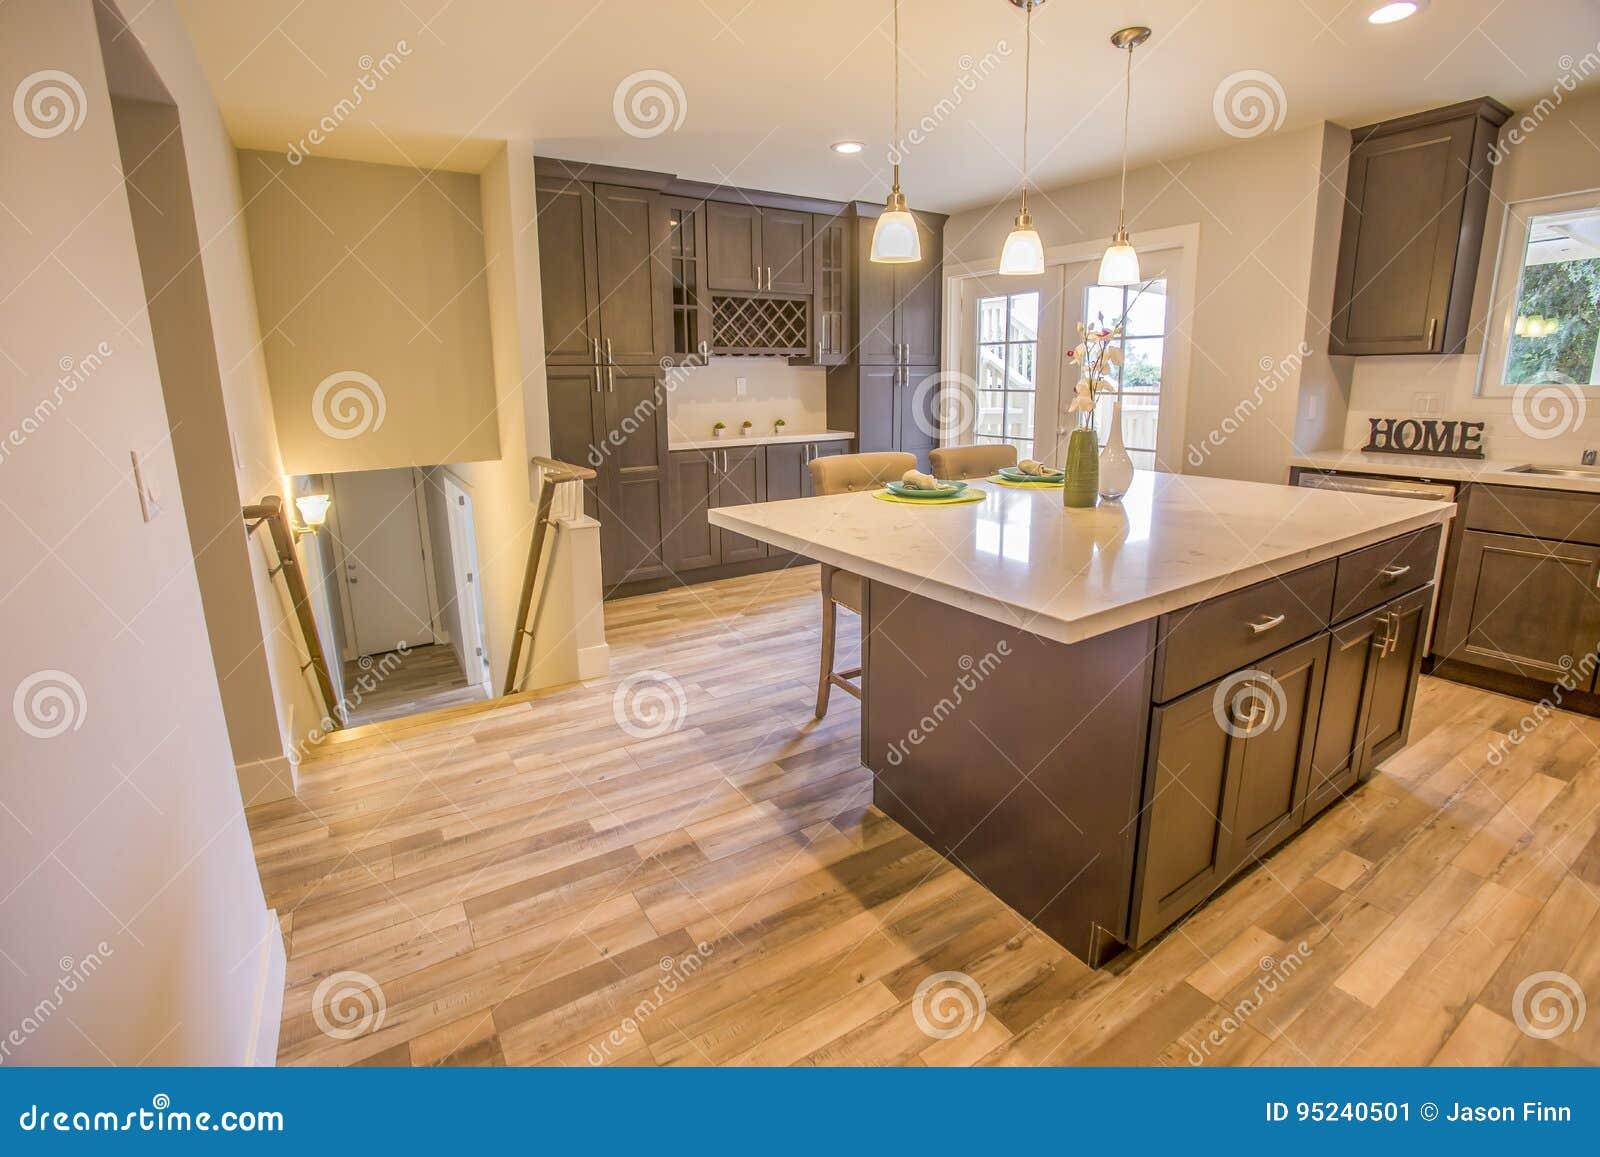 Nettoyez La Maison Modèle En Californie A Une Cuisine Ouverte De ...